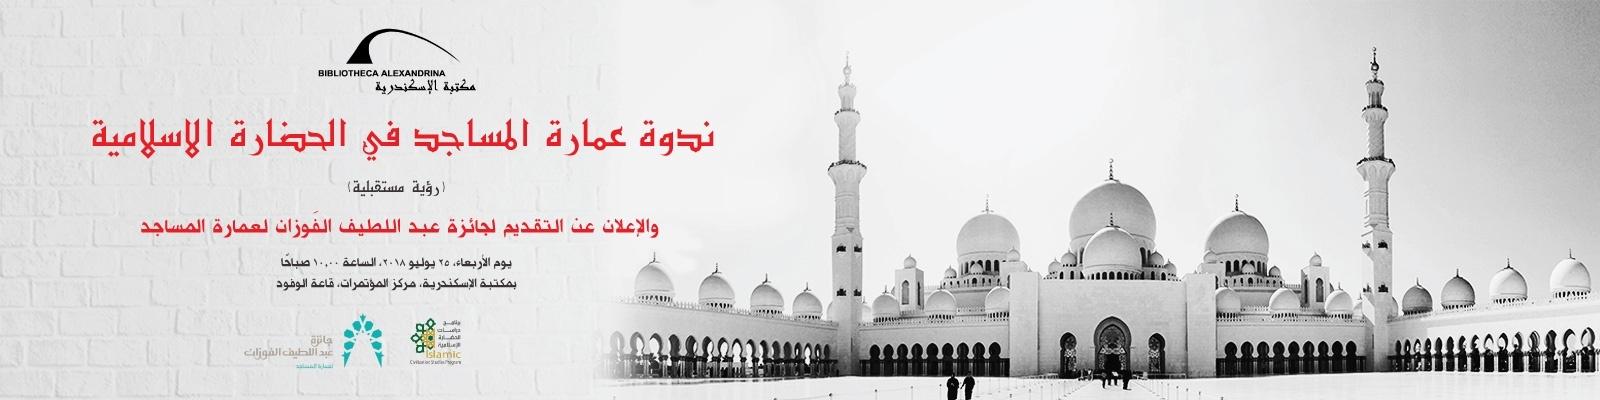 L'architecture des mosquées dans la civilisation islamique : visions prospectives